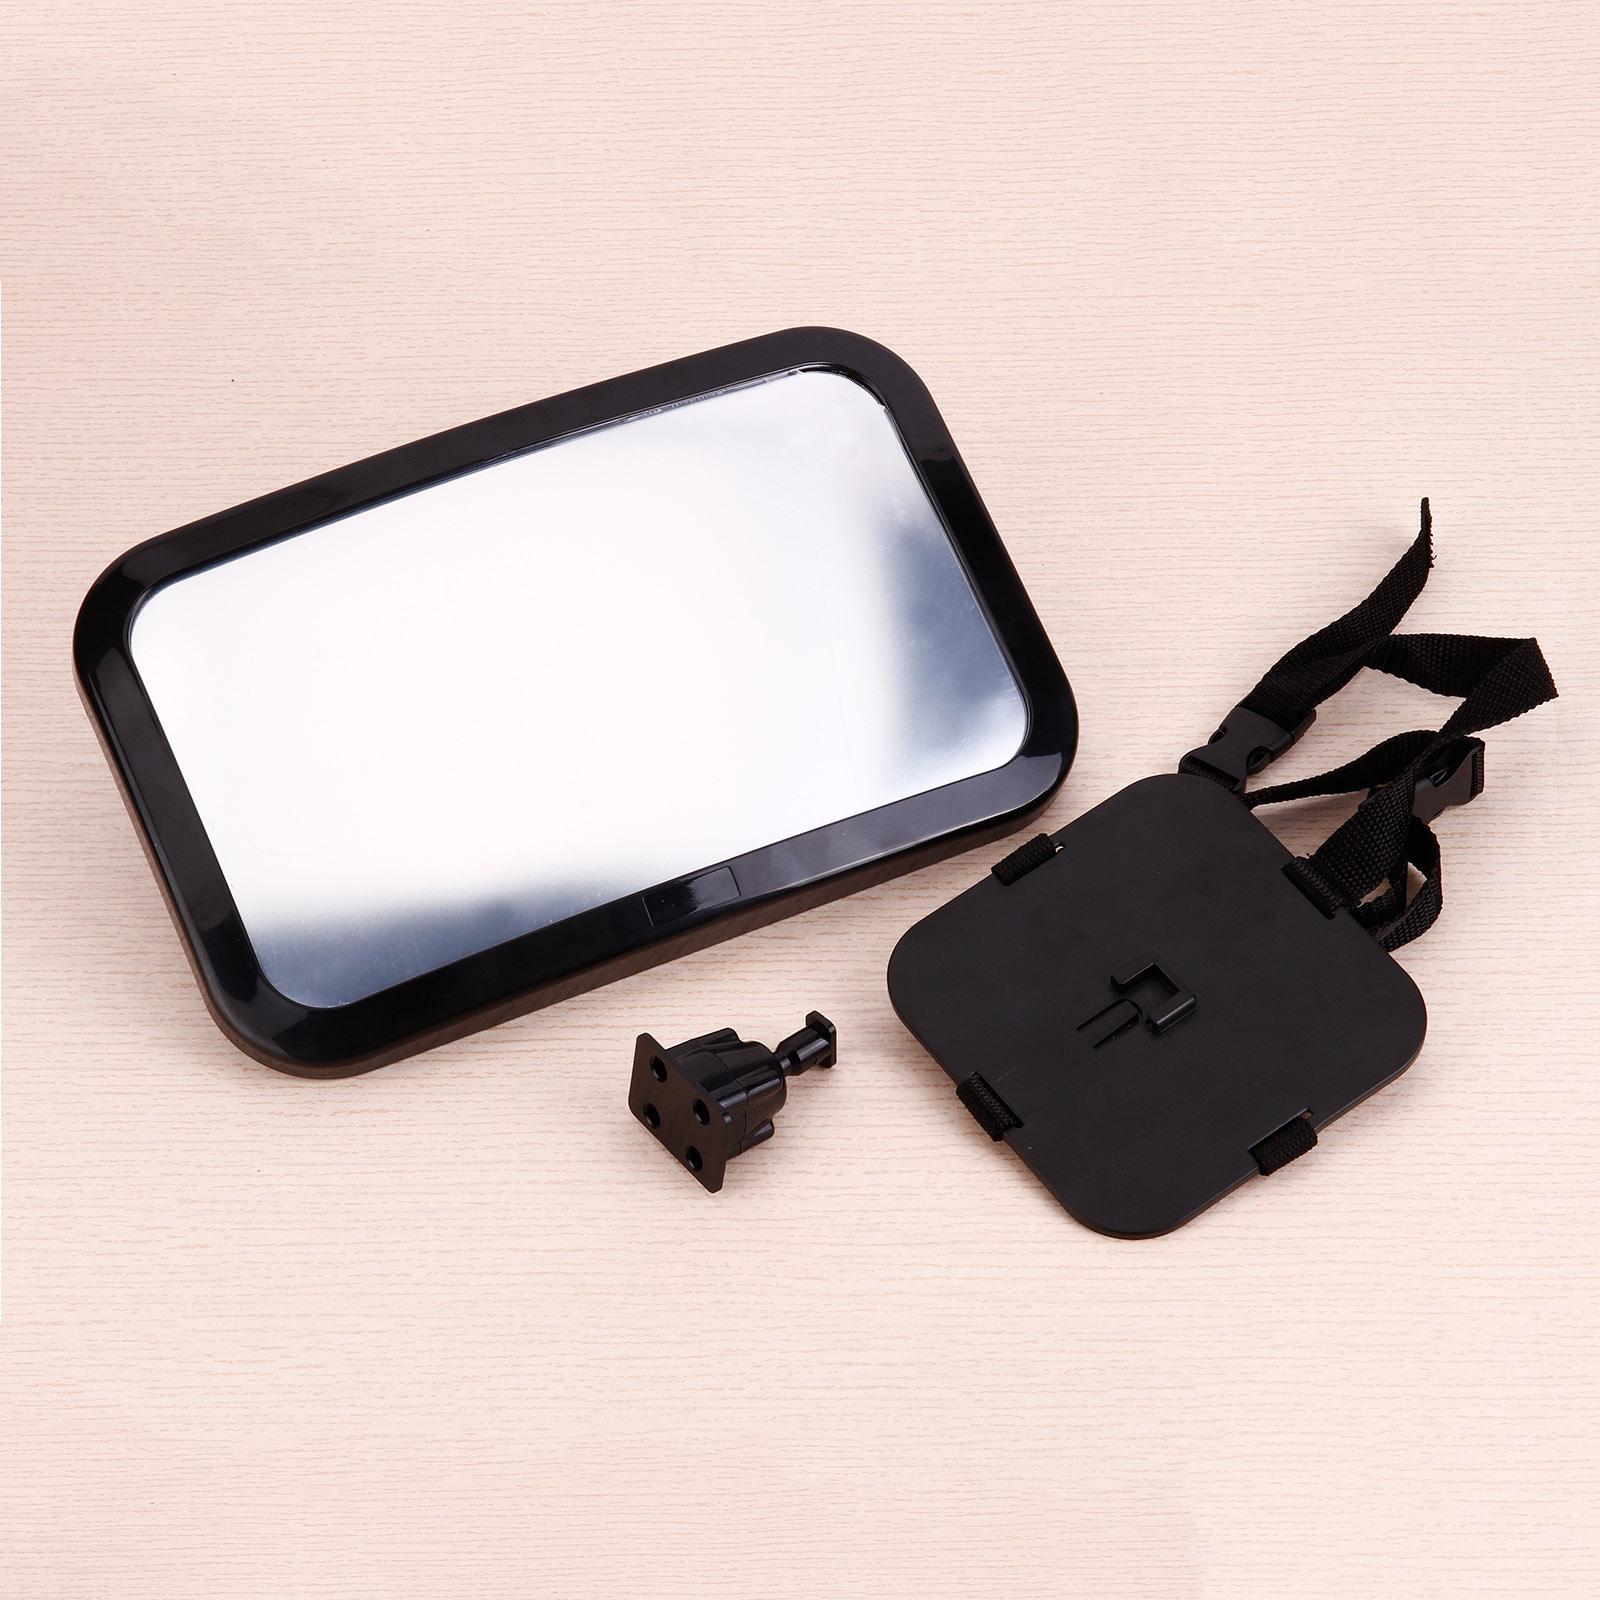 Espejo colgante para asiento trasero espejo retrovisor for Espejo retrovisor bebe